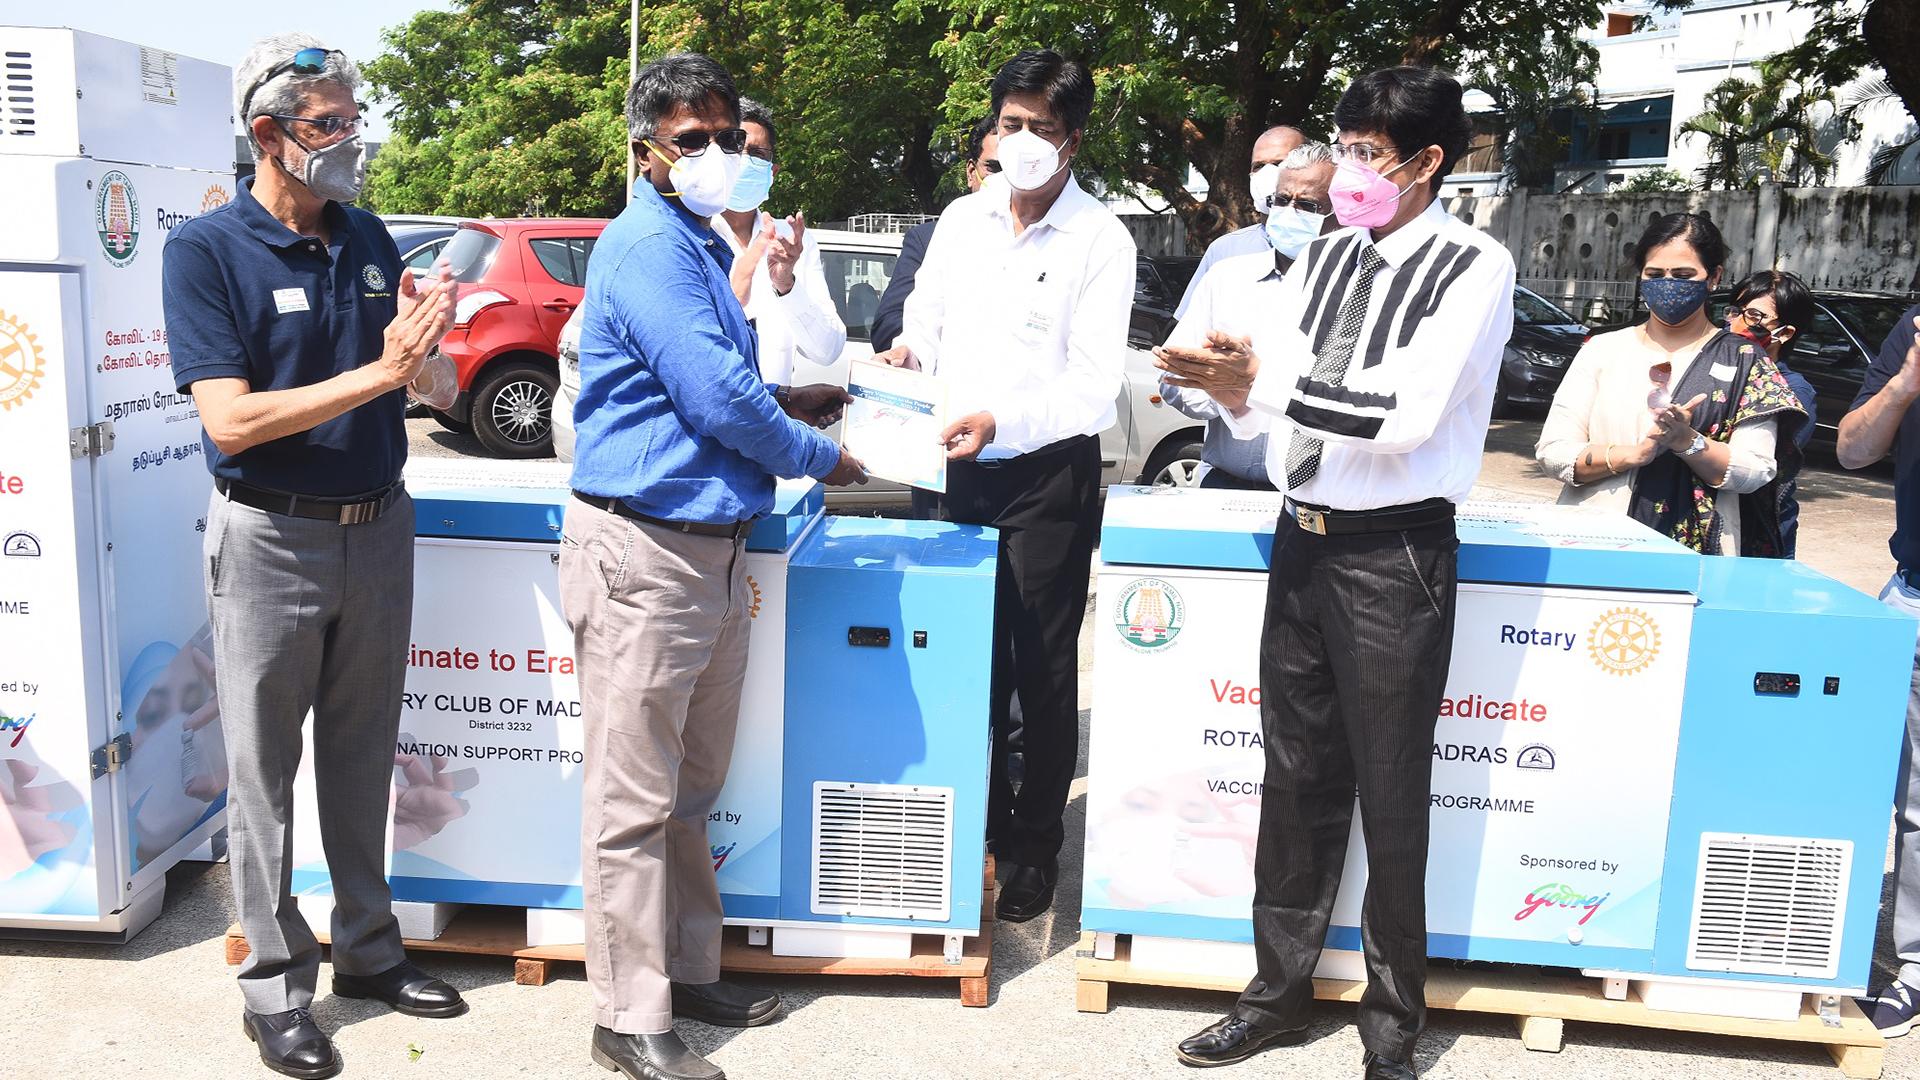 Godrej donates advanced medical refrigerators